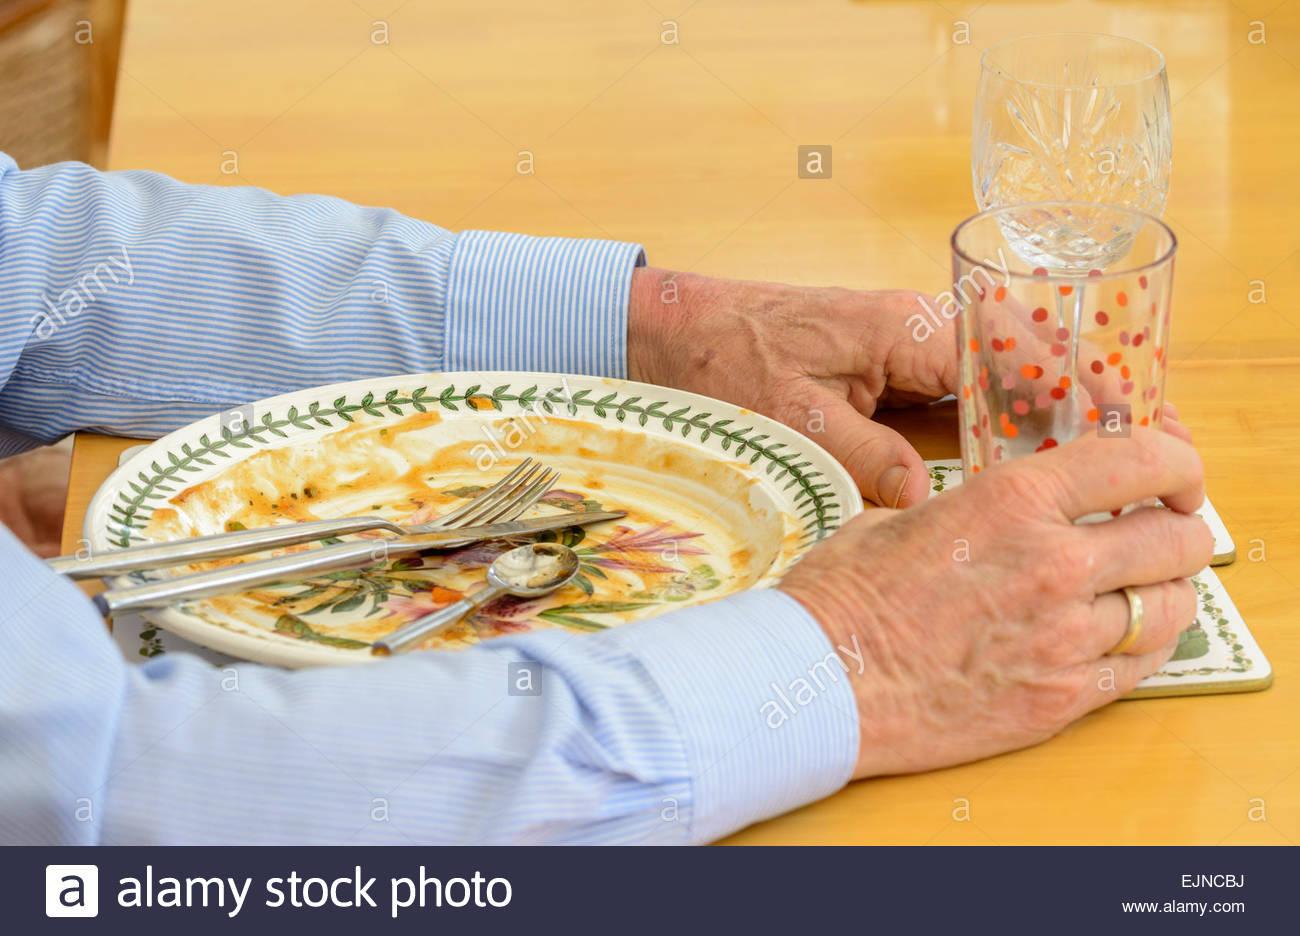 Homme assis sur une assiette, couteaux, fourchettes et verres, après avoir terminé un repas. Photo Stock